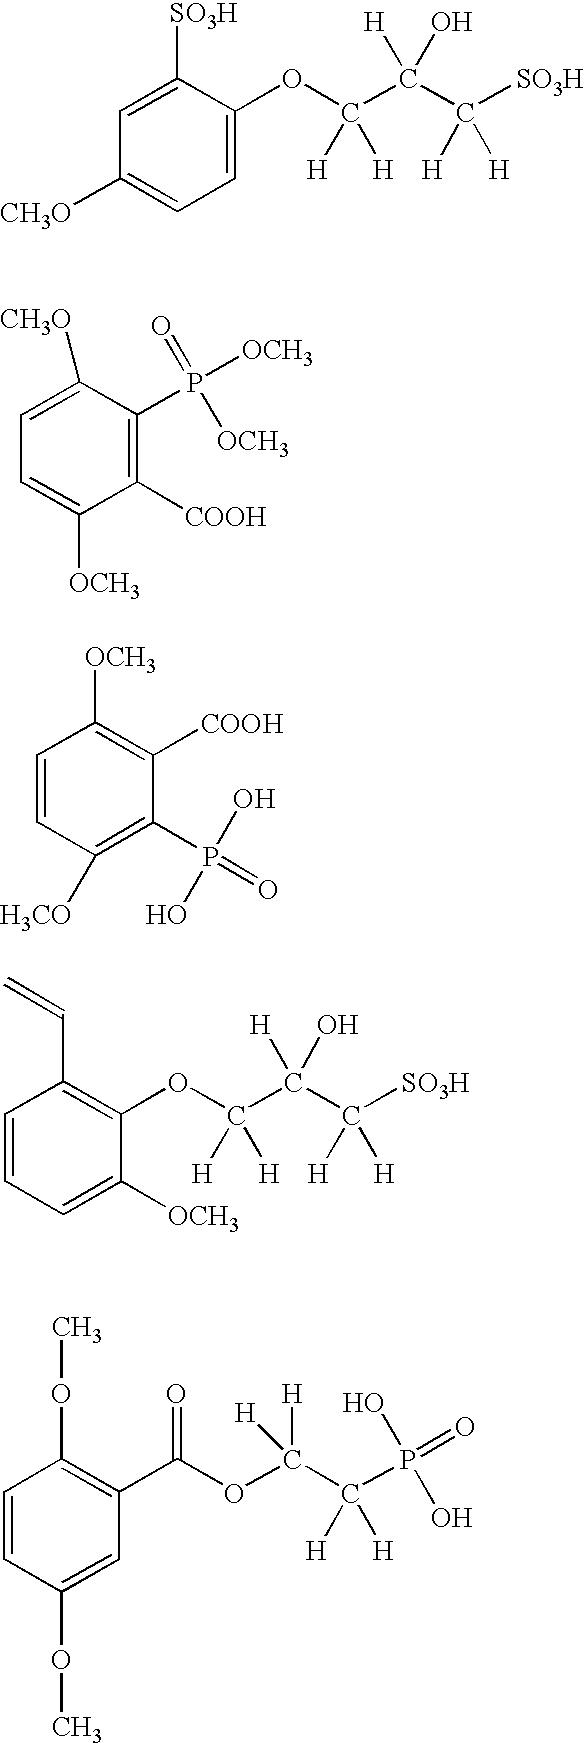 Figure US06803395-20041012-C00042